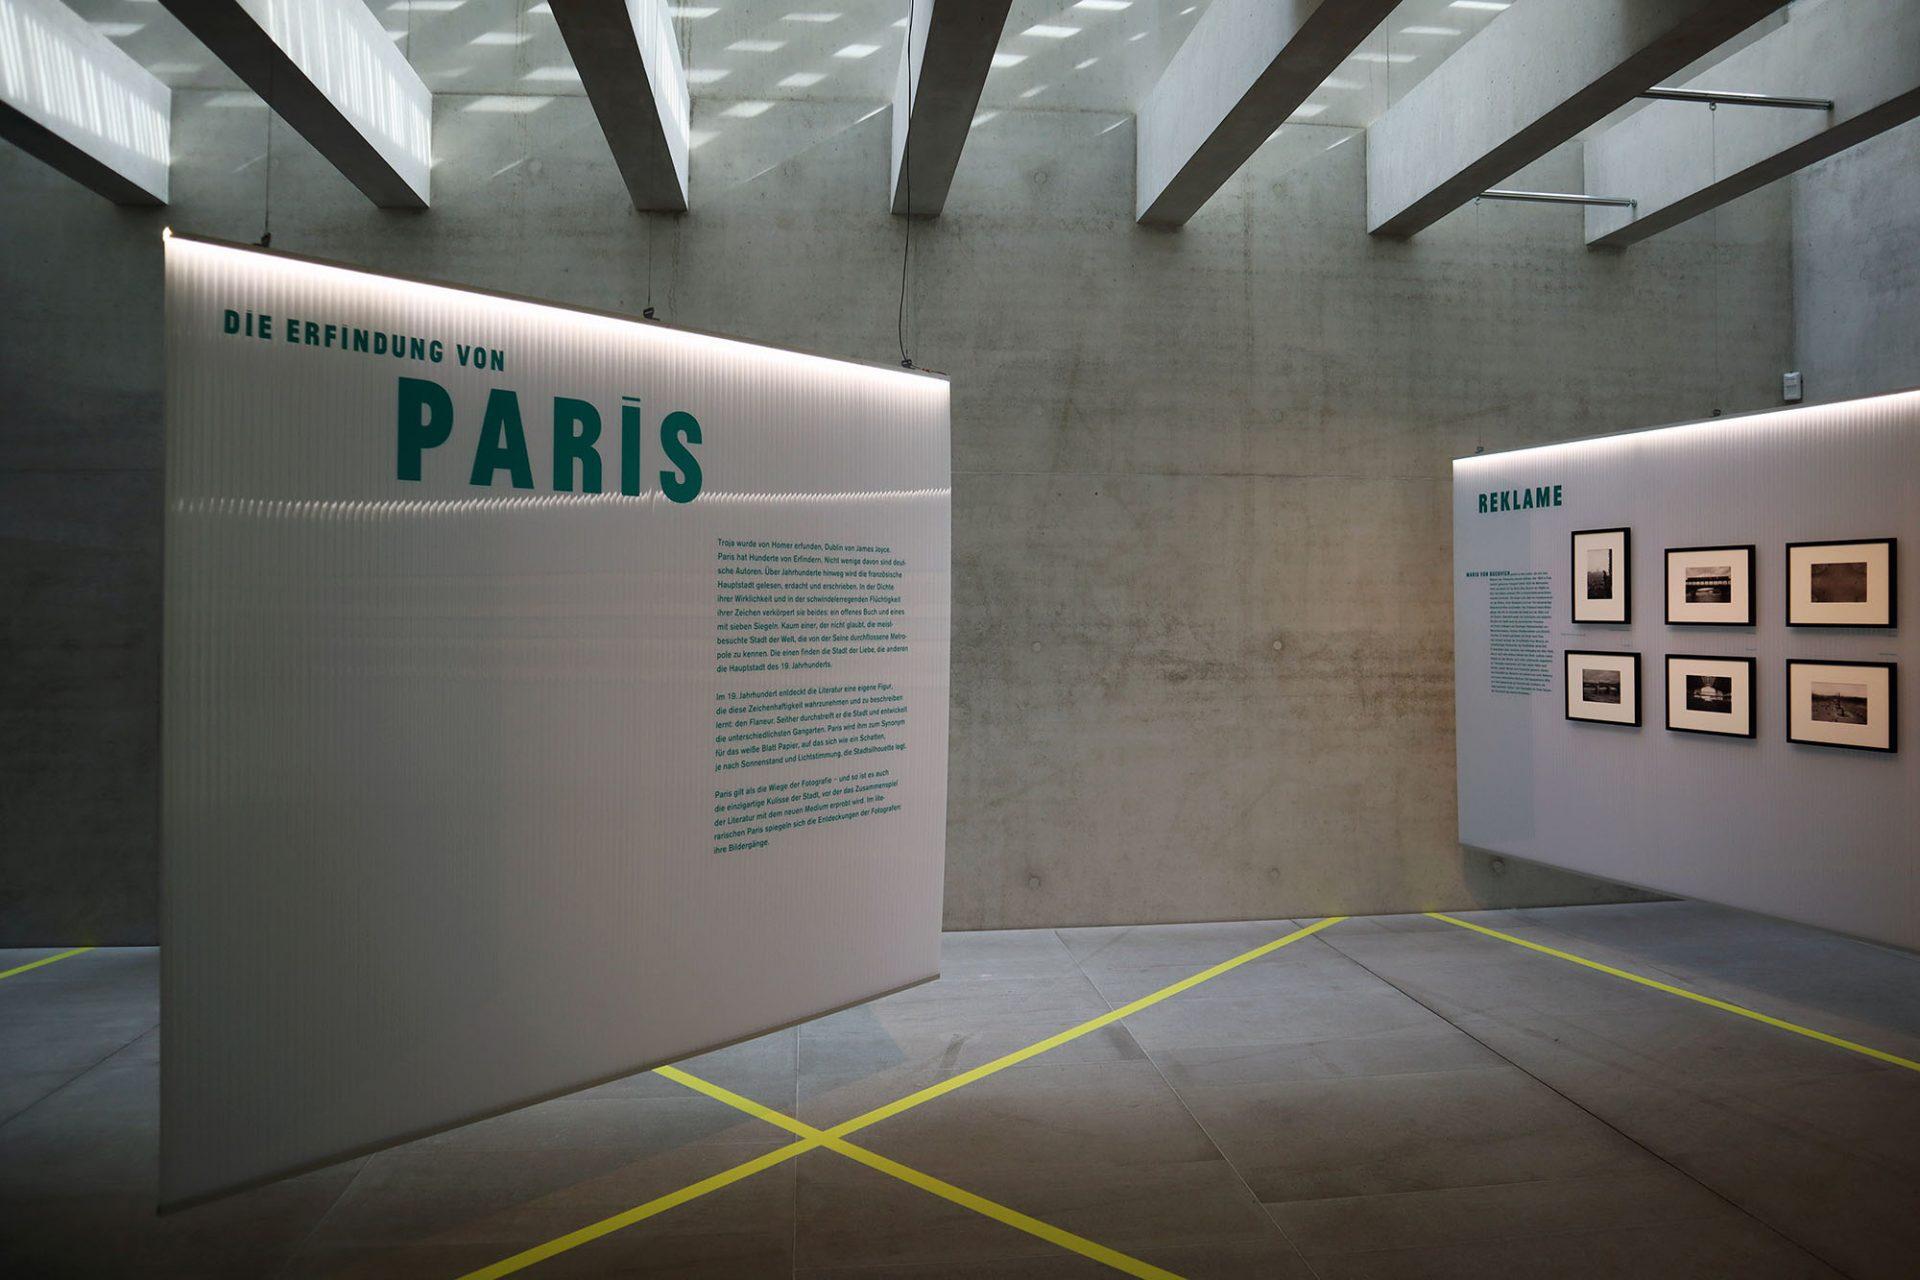 Literaturmuseum der Moderne. Wechselausstellungen sind Teil des Konzepts